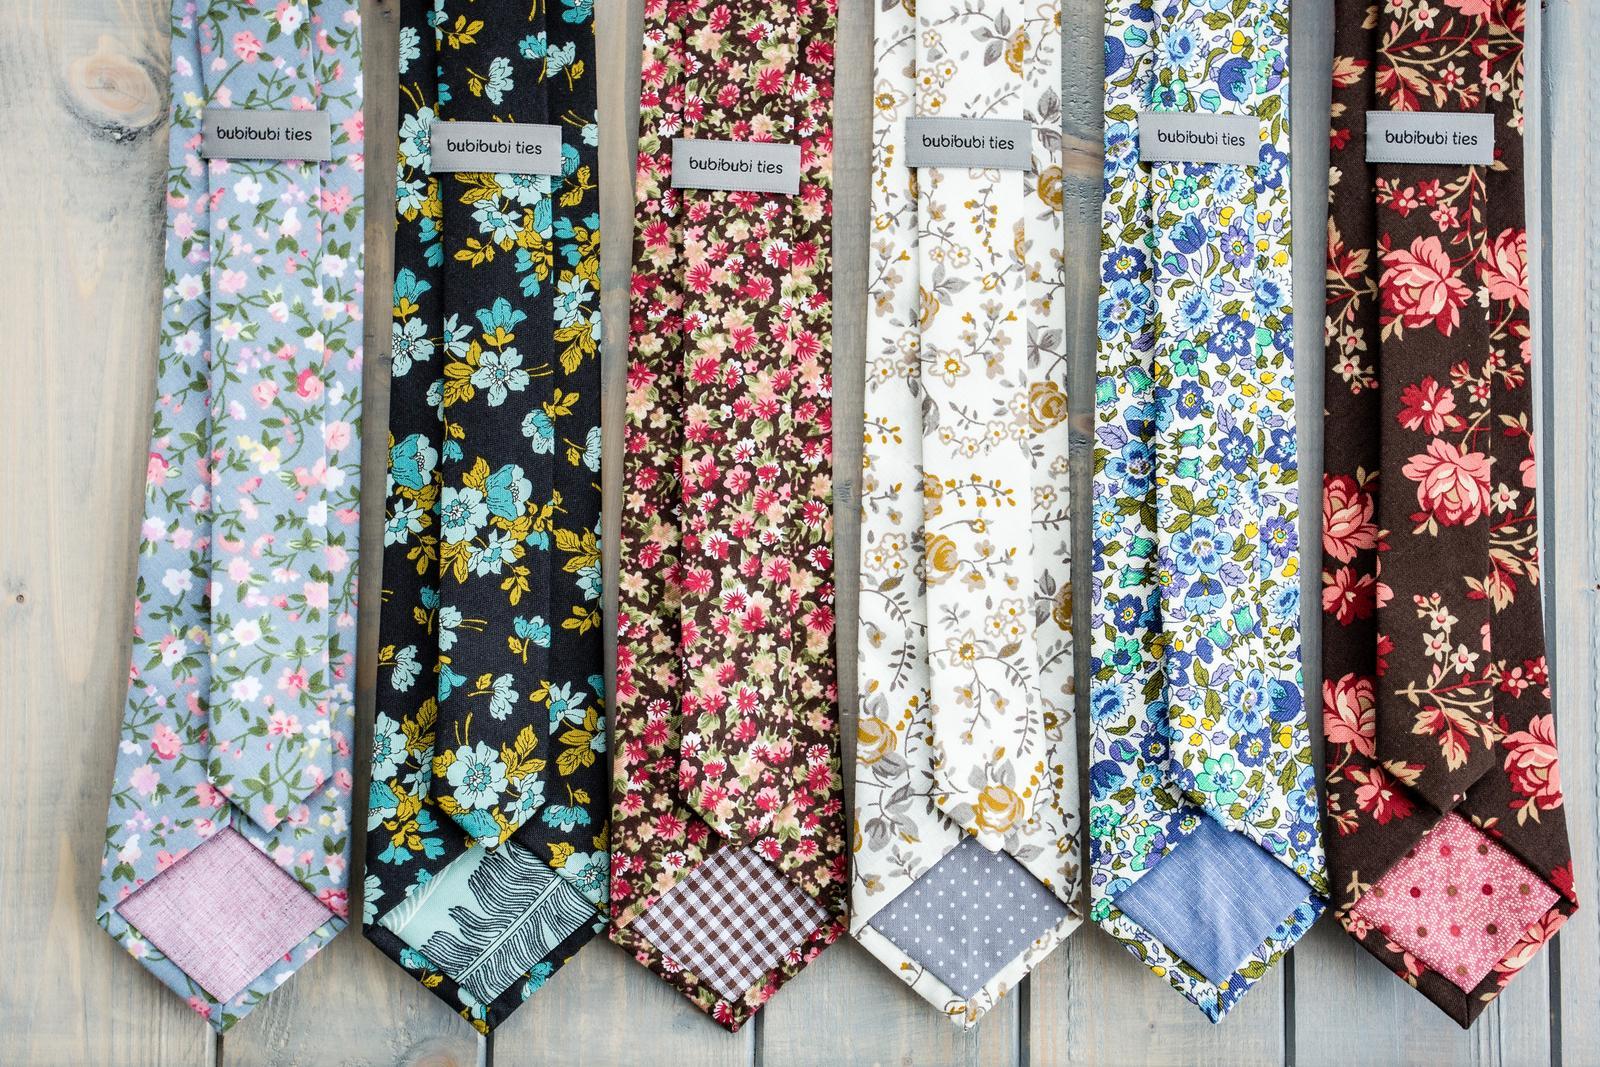 bubibubi_ties - Ručně šité kravaty na rustikální svatbu.